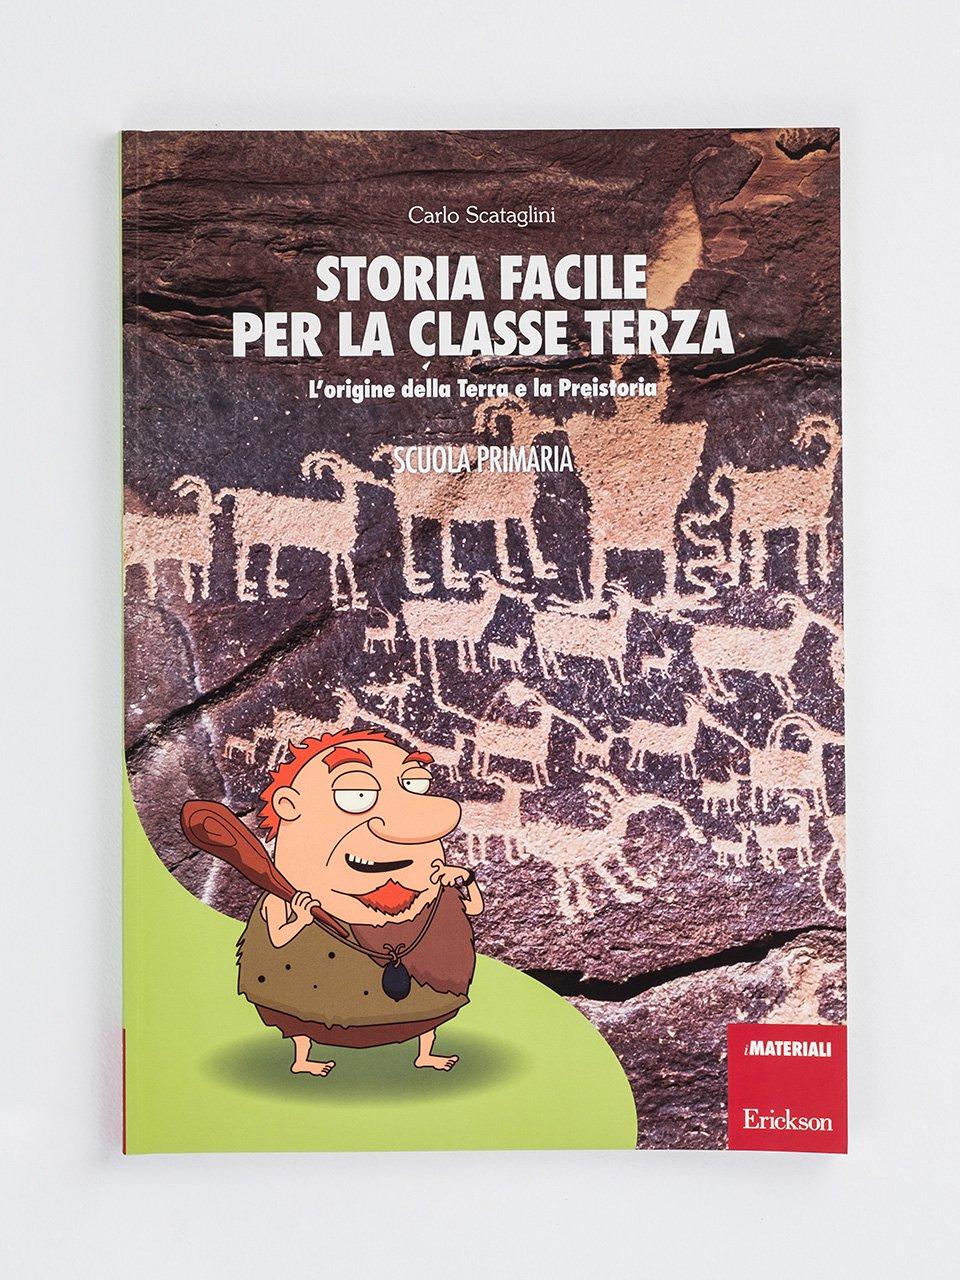 Storia facile per la classe terza - Storia facile per la classe quinta - Libri - App e software - Erickson